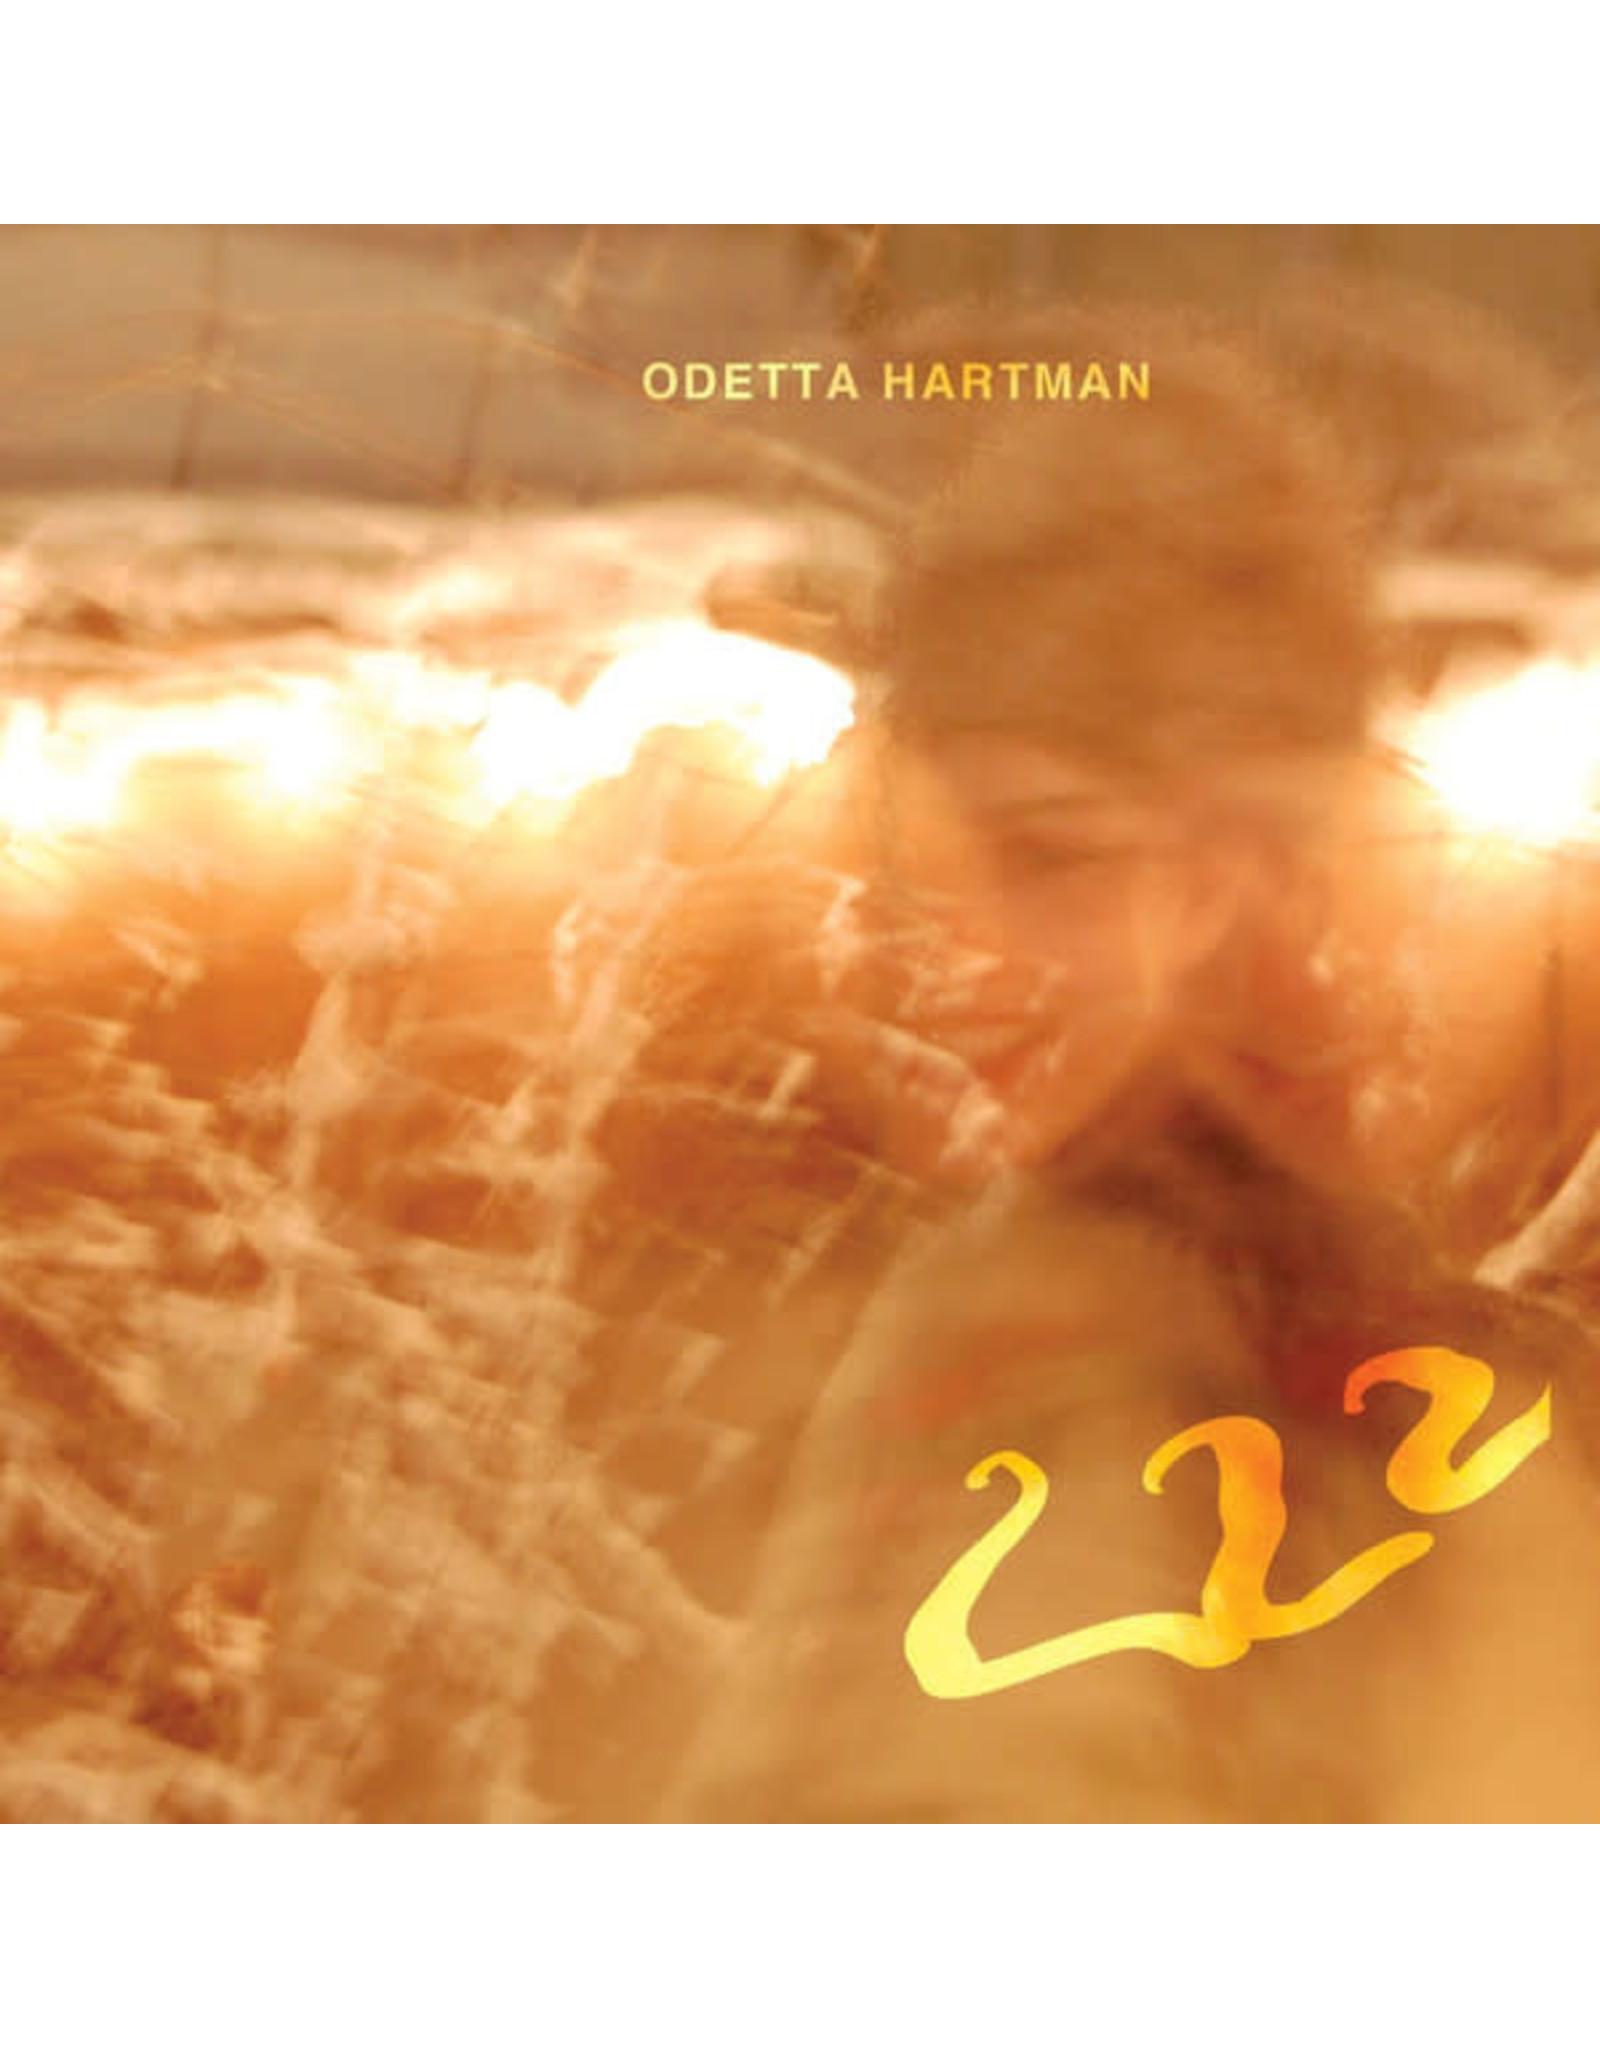 Hartman, Odetta - 222 CD